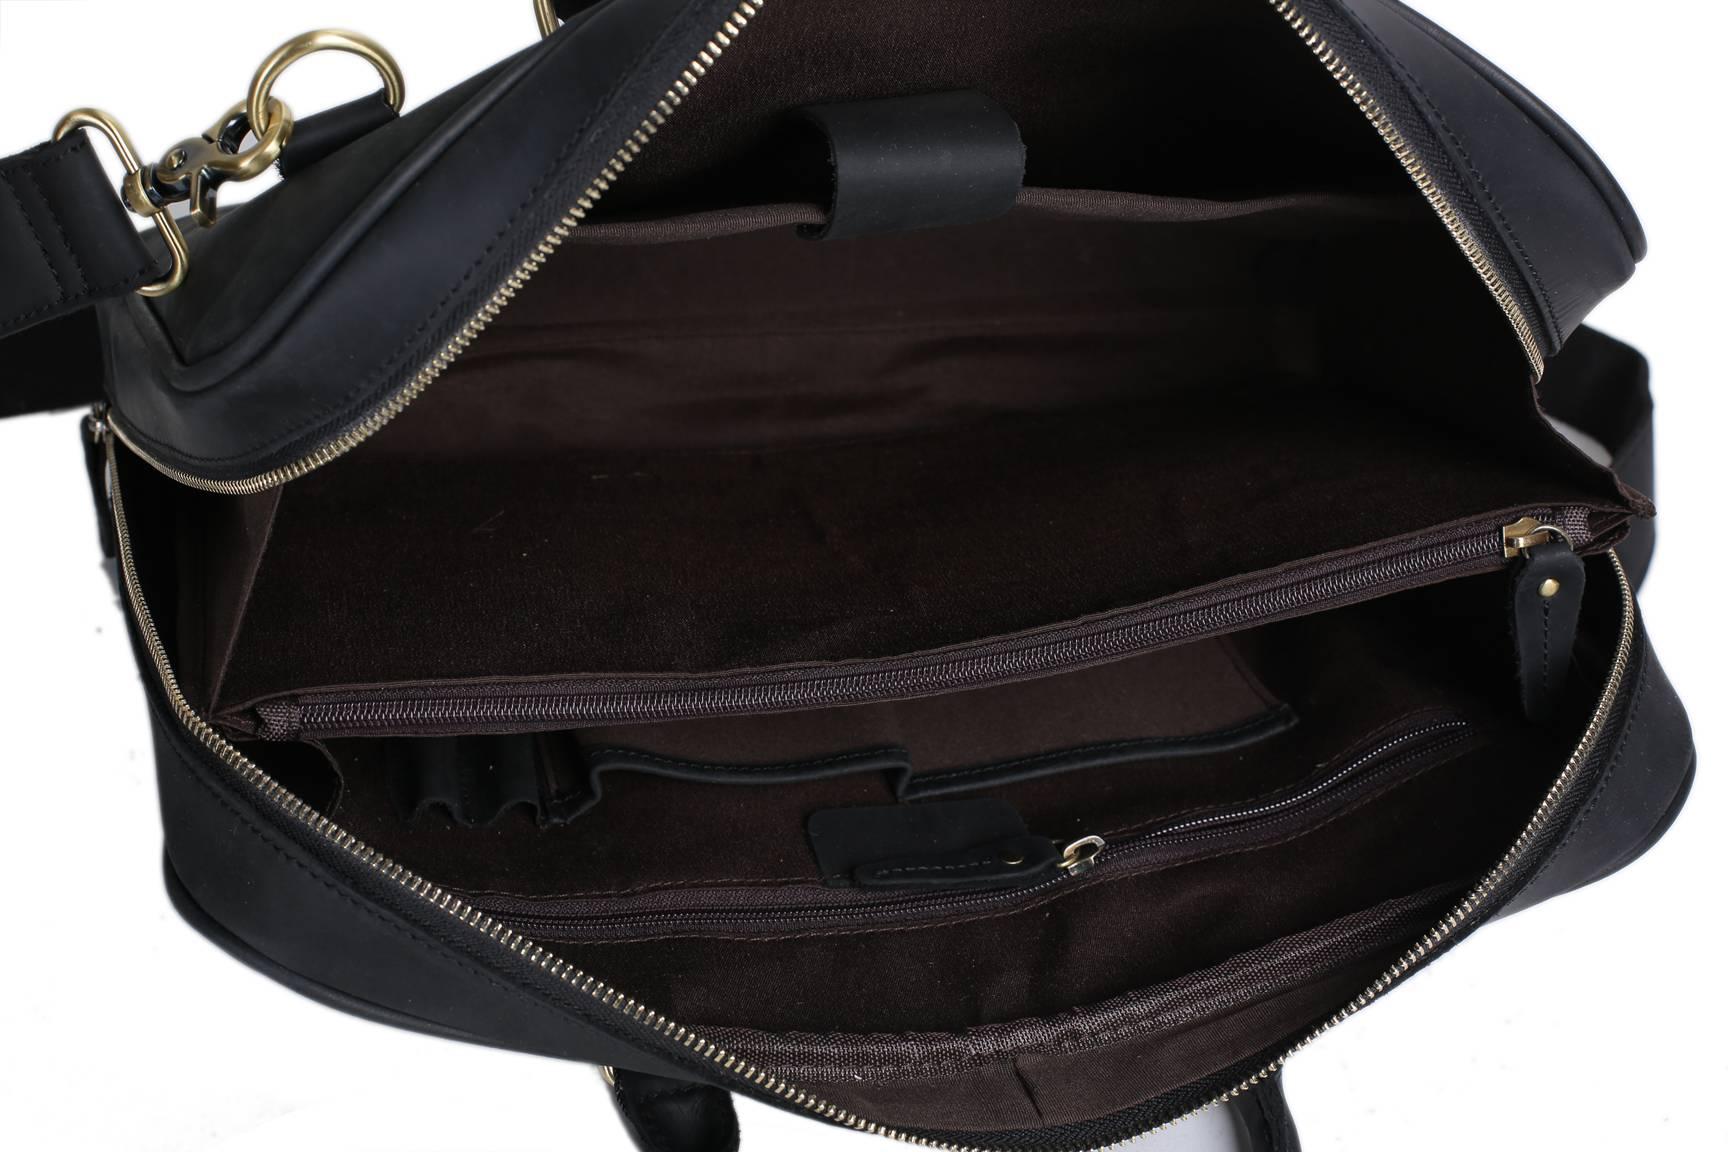 Leather Bag For Laptop - Handmade black genuine leather briefcase messenger bag laptop bag men s handbag d007